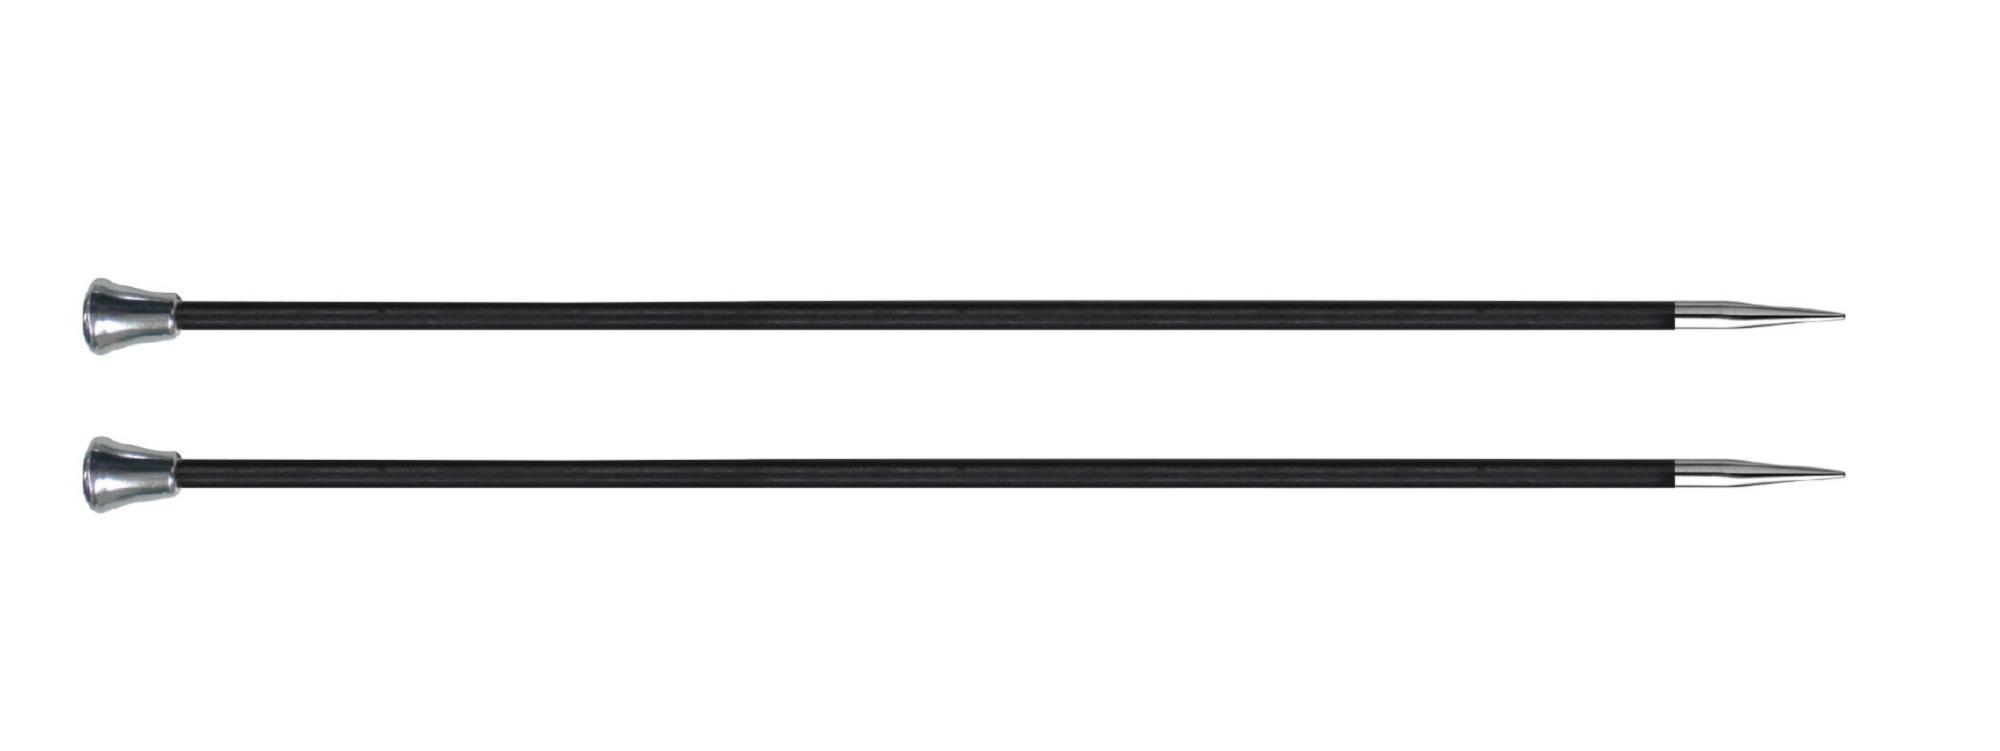 Спицы прямые 35 см Karbonz KnitPro, 41290, 5.00 мм